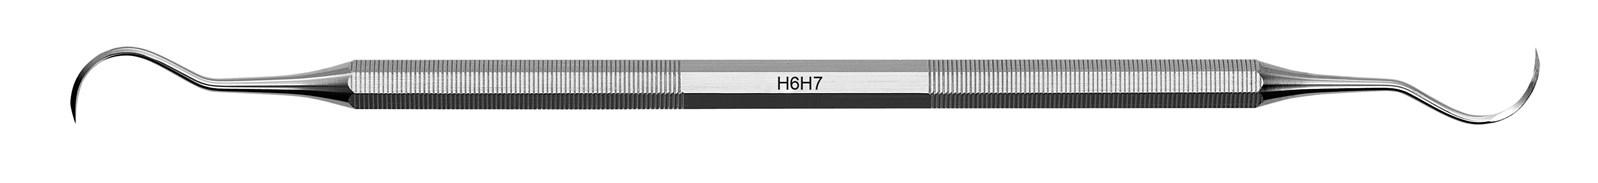 Scaler univerzální - H6H7, Bez návleku